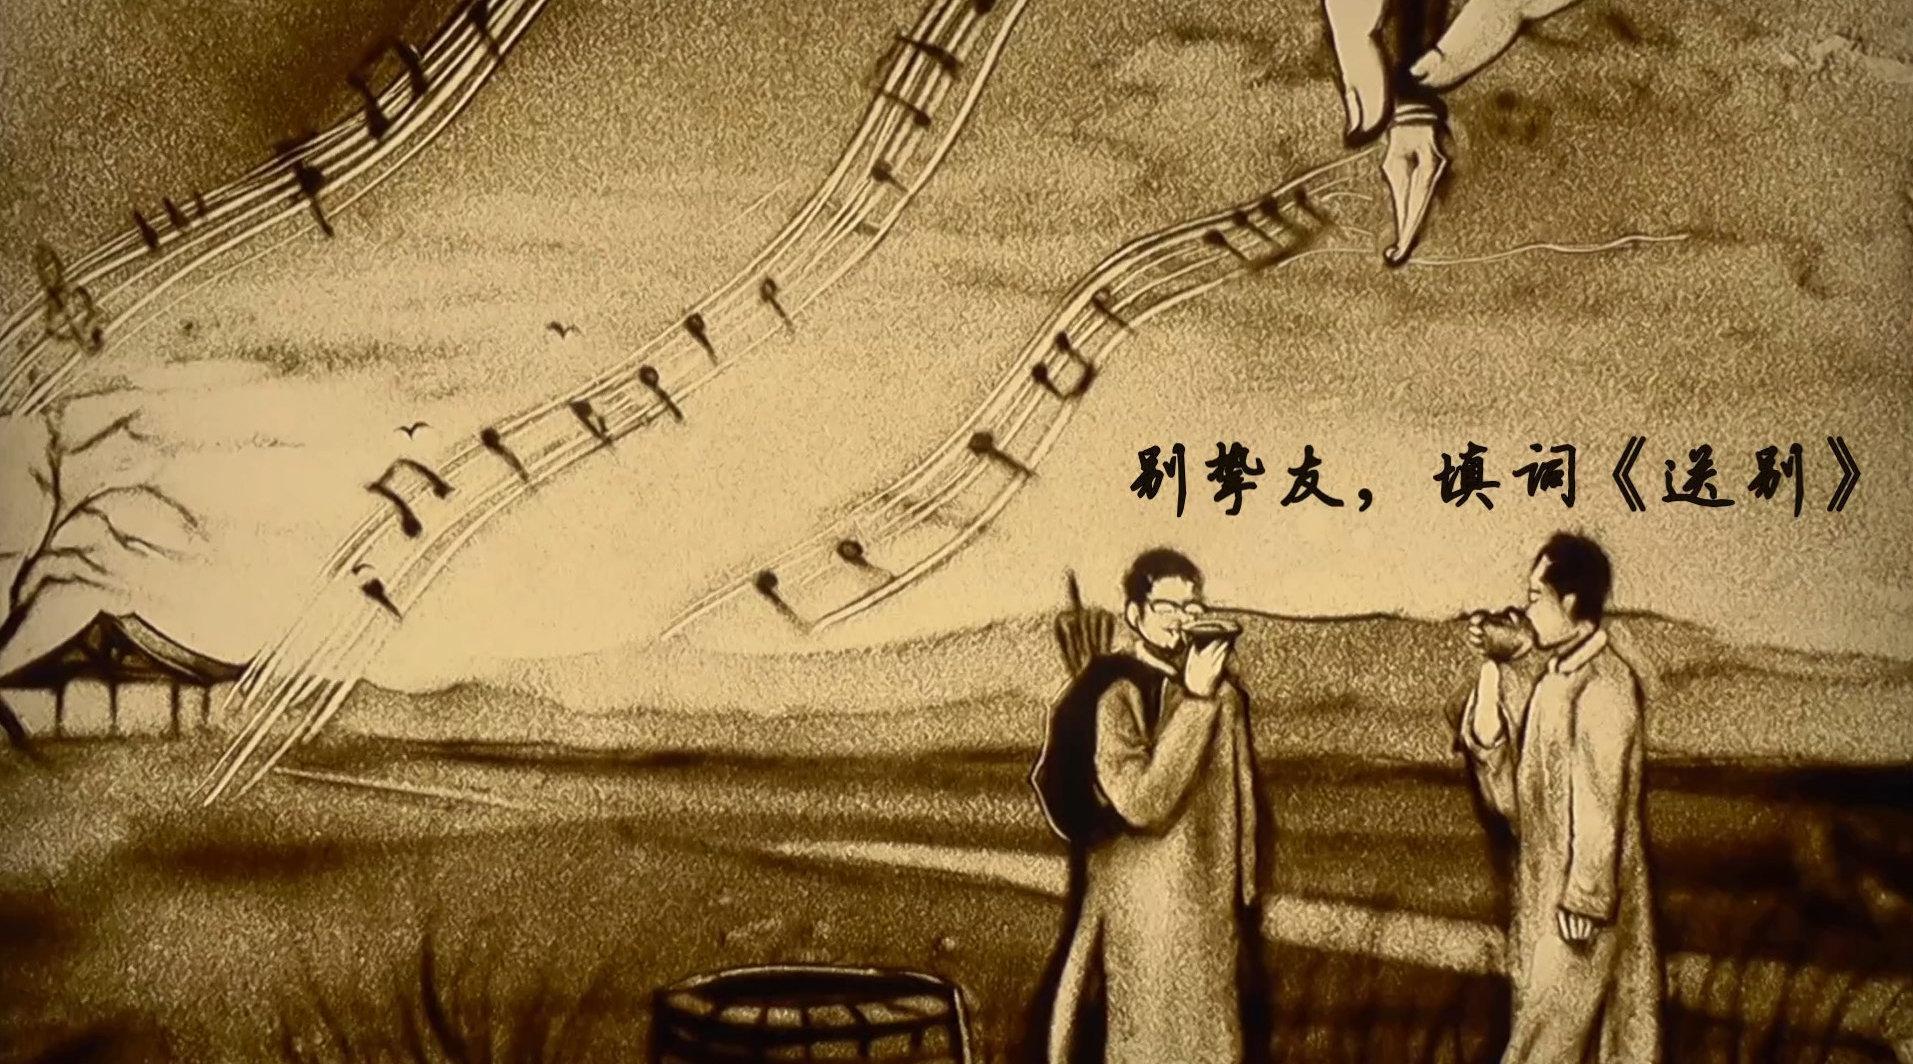 朴树一曲《送别》,送给所有远行的人,长亭外古道边芳草碧连天!